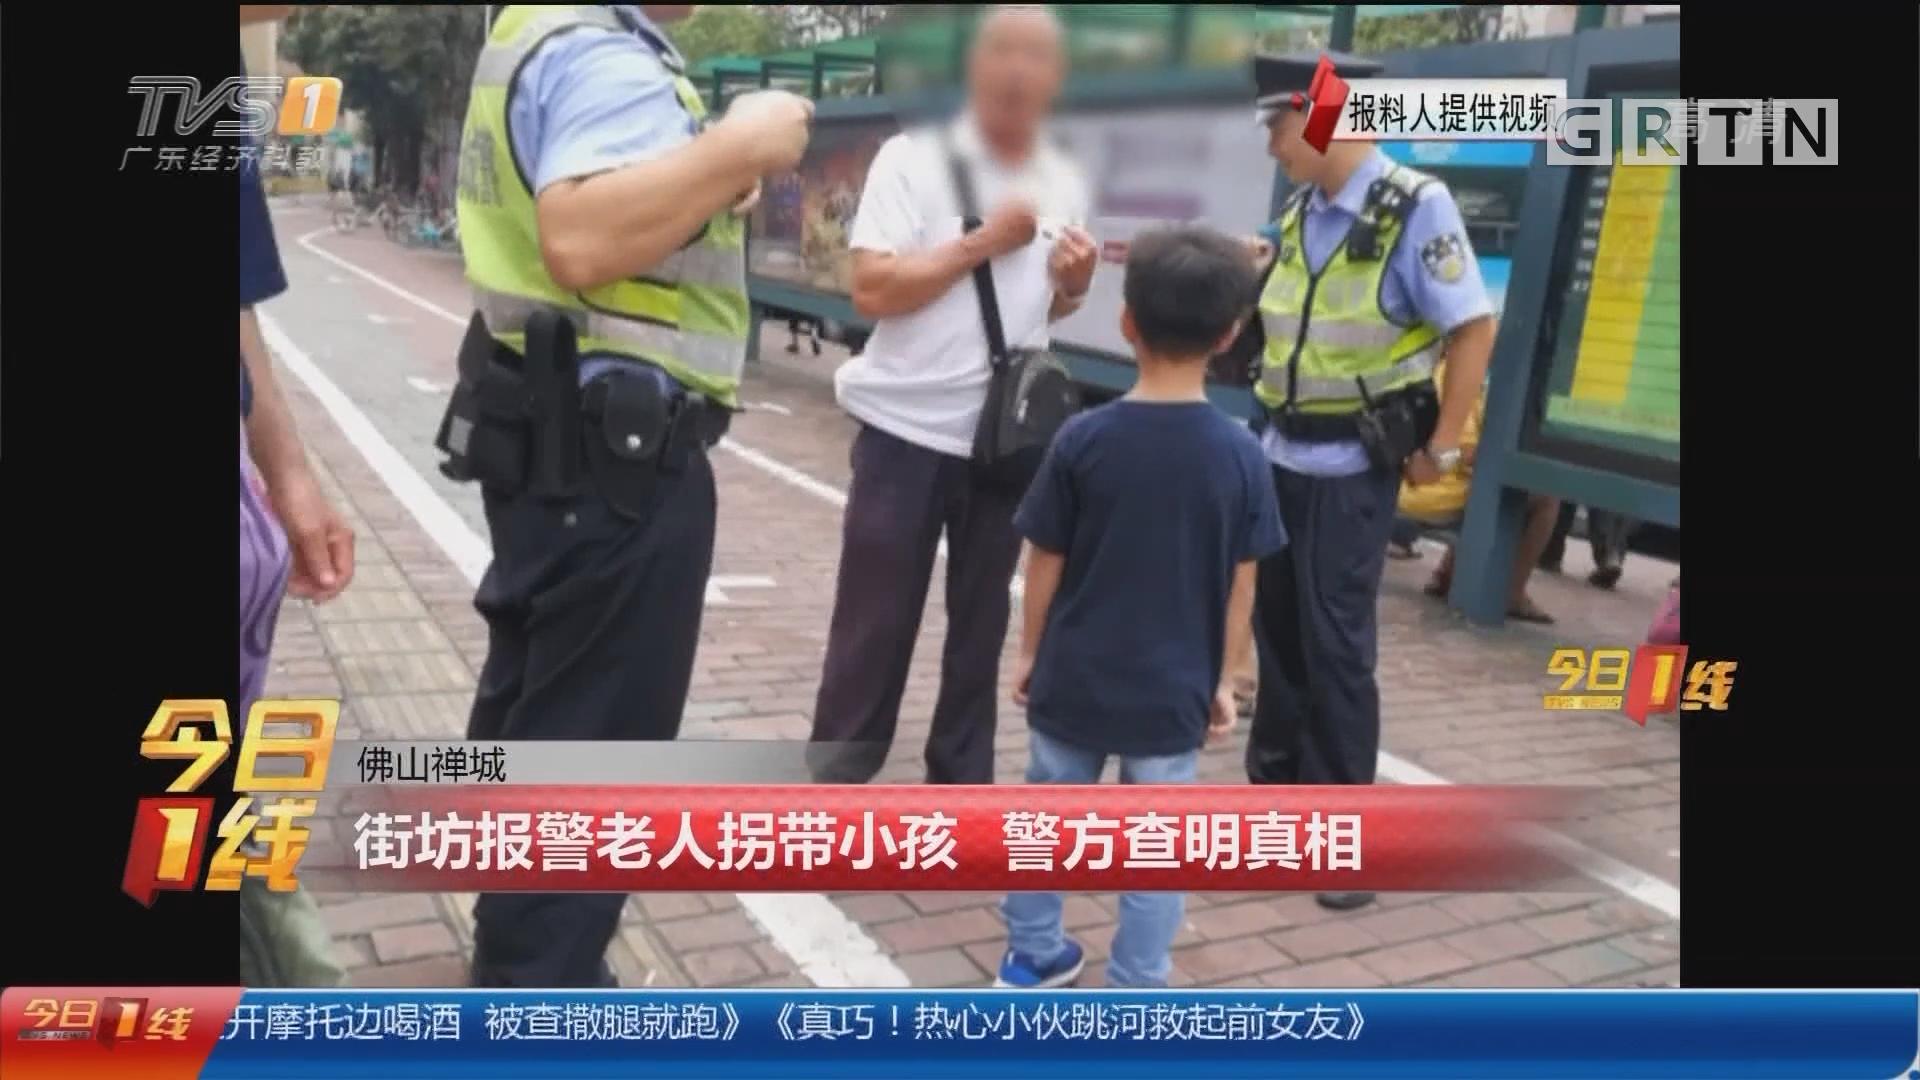 佛山禅城:街坊报警老人拐带小孩 警方查明真相